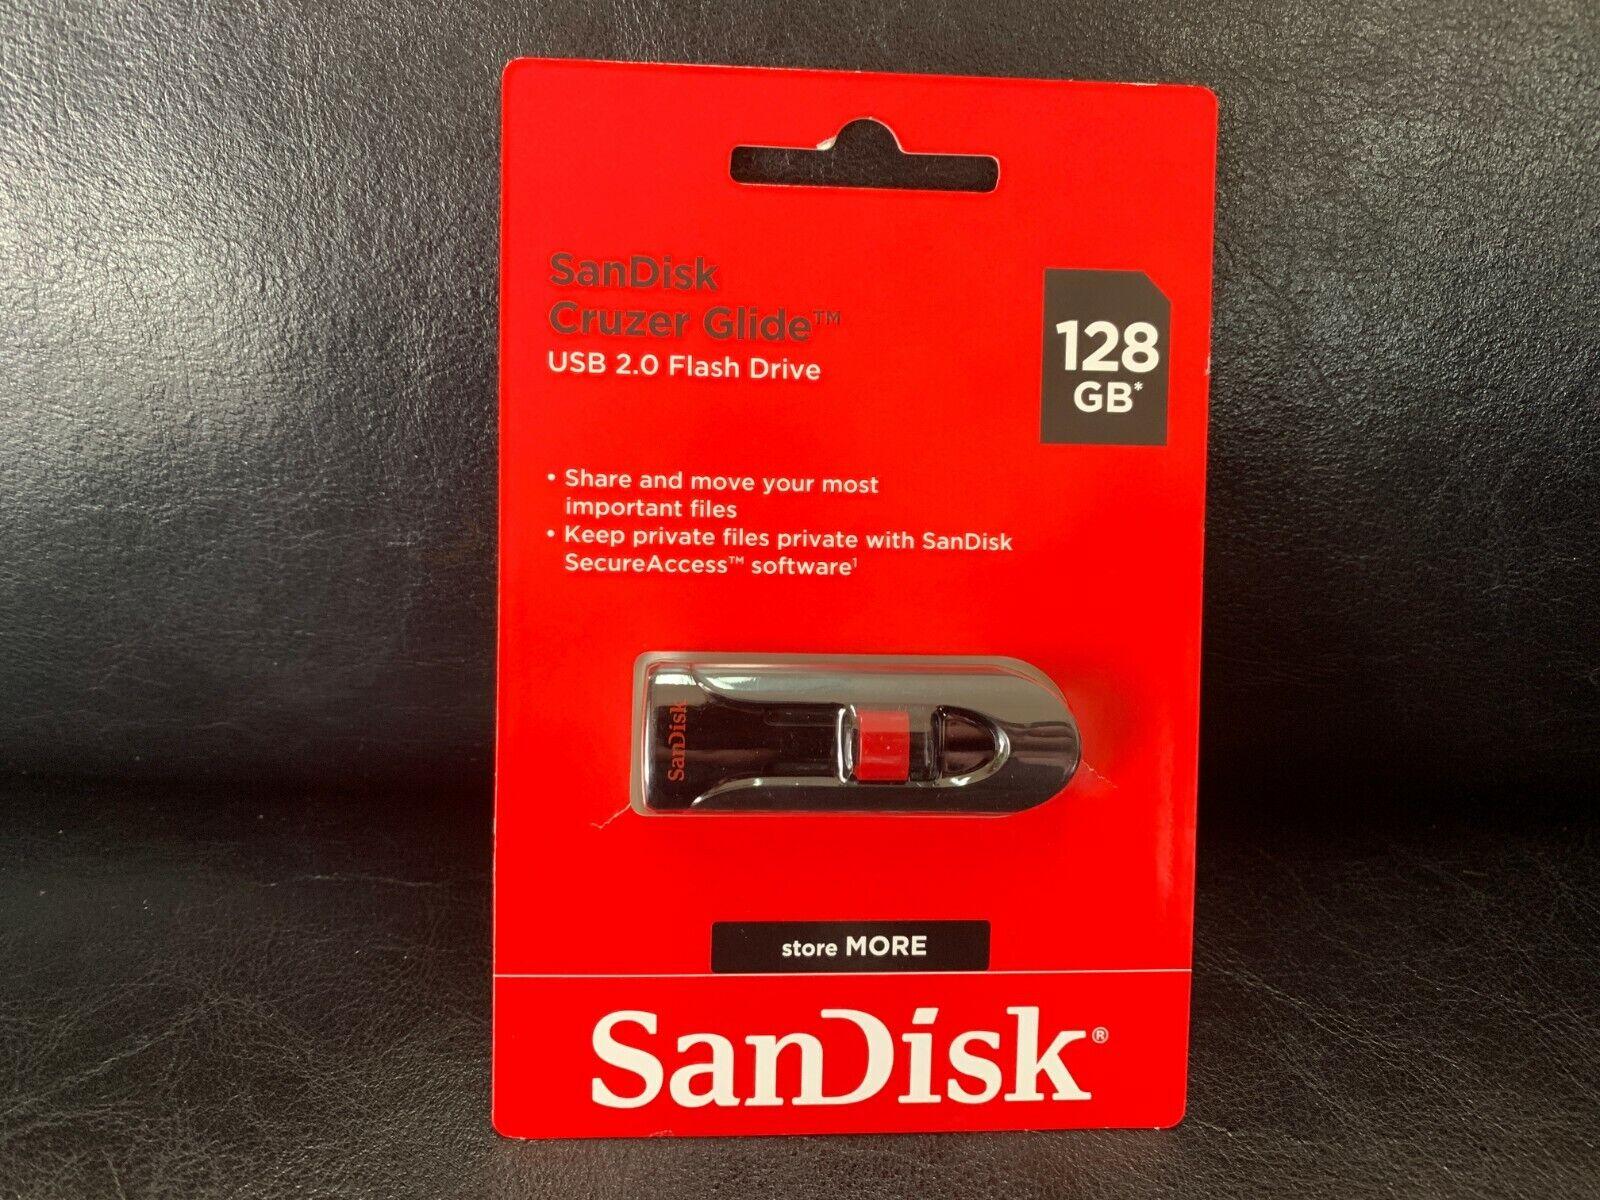 SanDisk Cruzer Glide 128GB USB 2.0 Flash Drive Thumb Stick